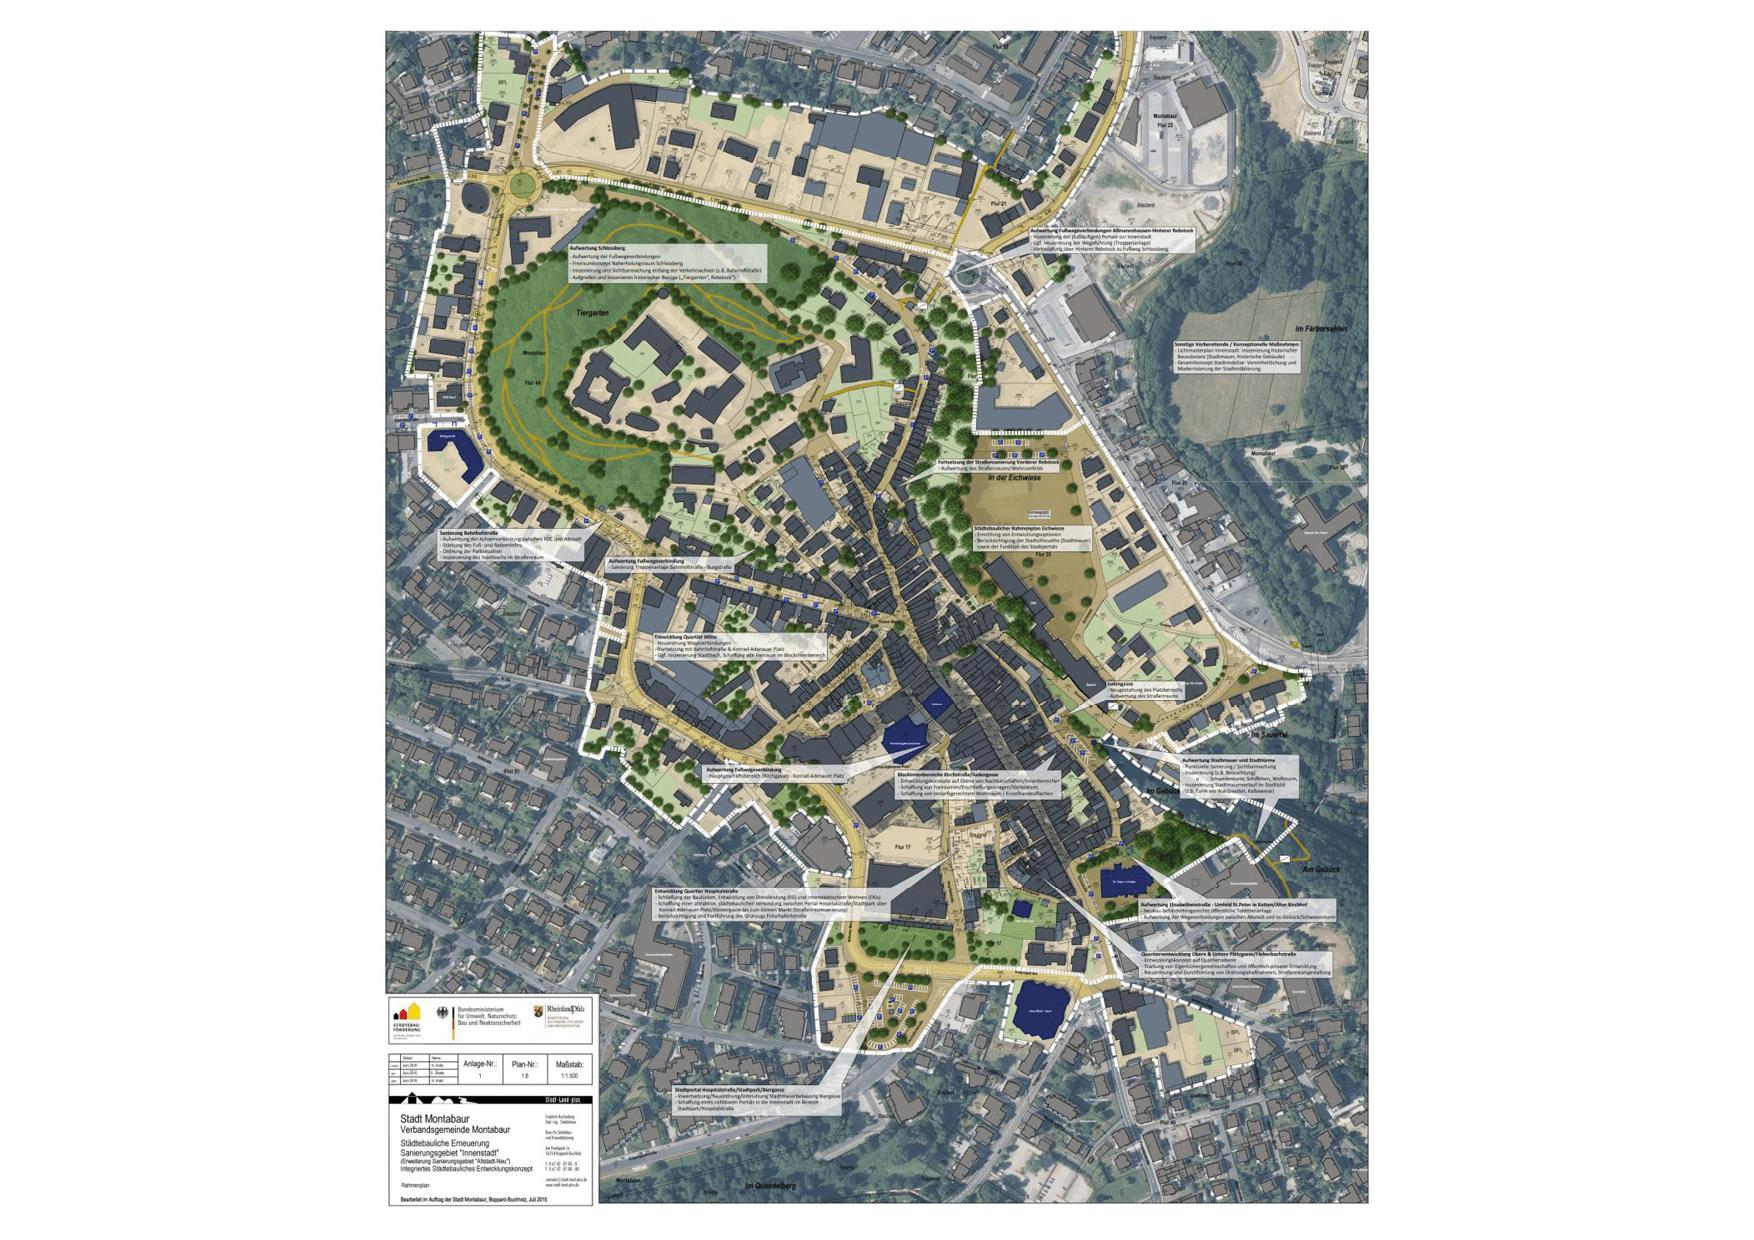 Montabaur Integriertes Städtebauliches Entwicklungskonzept ISEK Rahmenplan Städtebau Entwicklungskonzept Karte